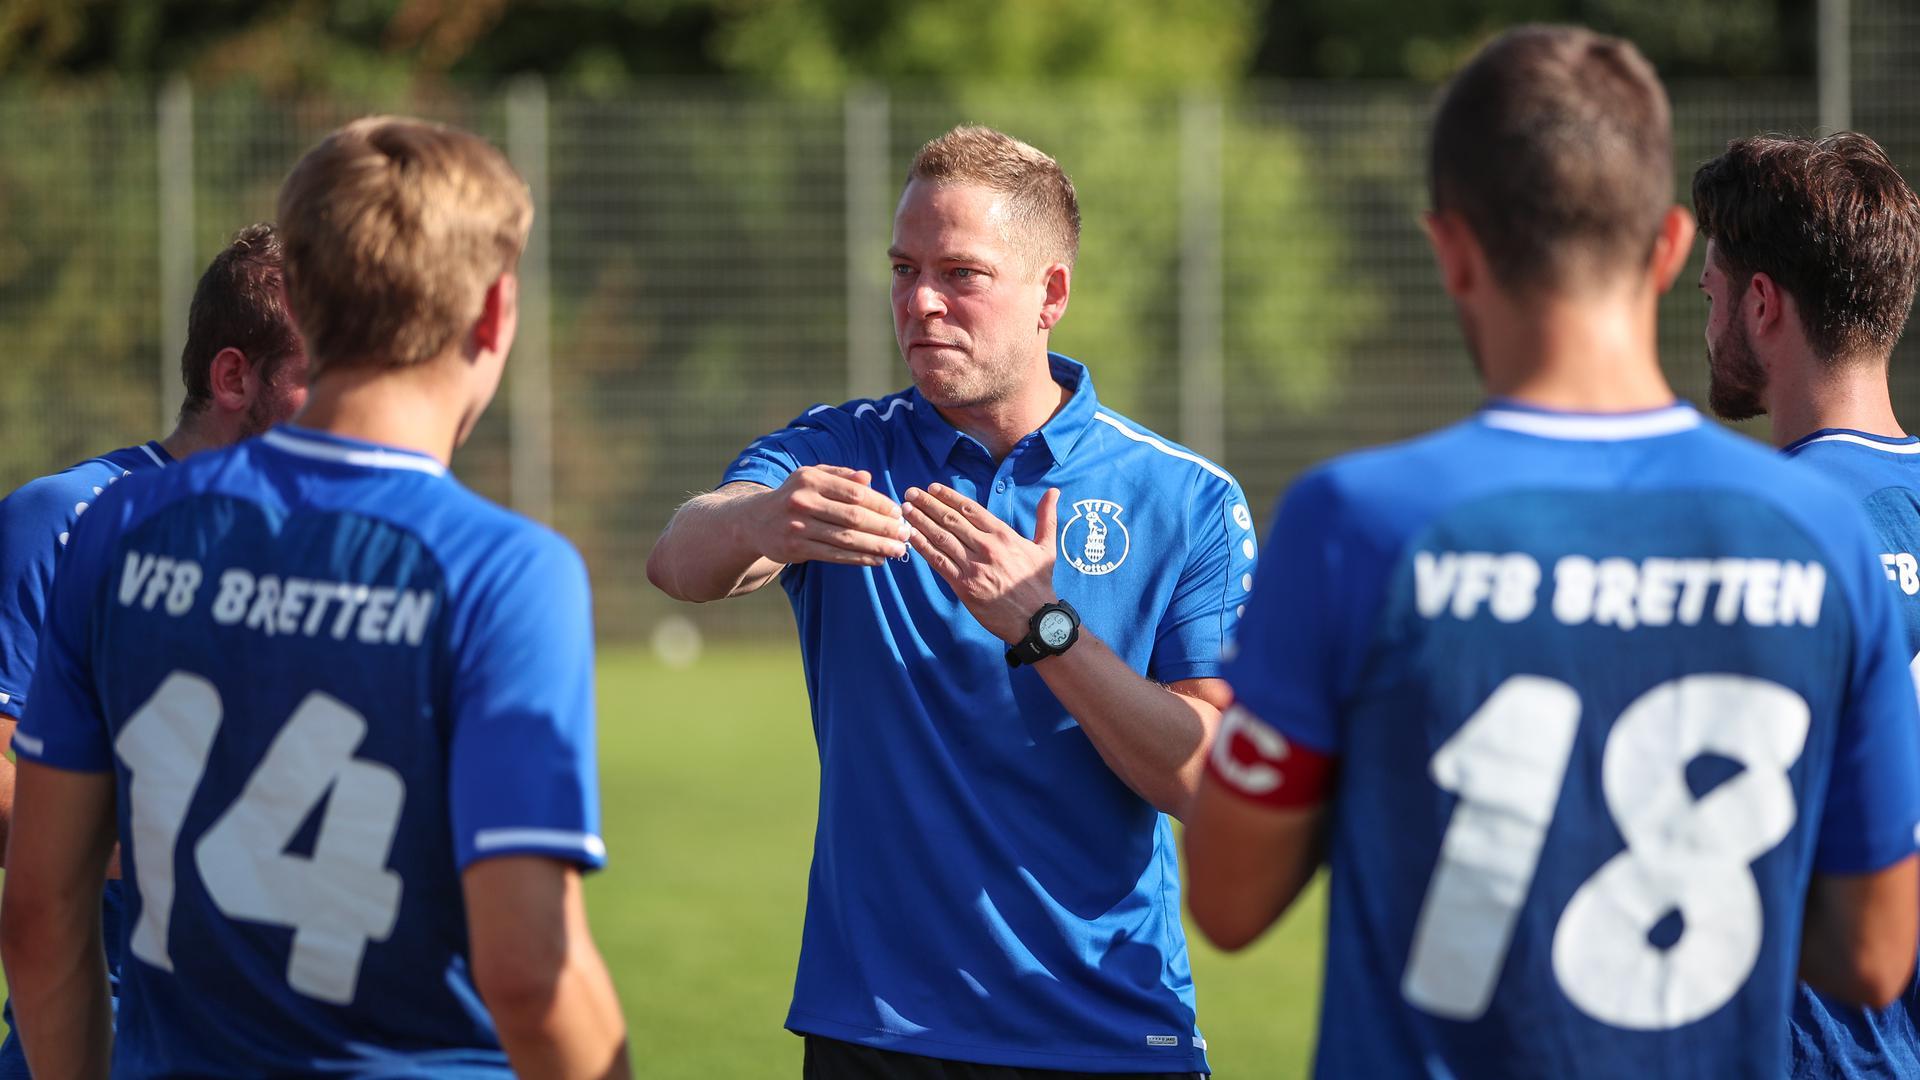 Gibt die Kommandos: Trainer Adrian Schreiber stimmt den VfB Bretten auf die Landesliga-Saison ein.